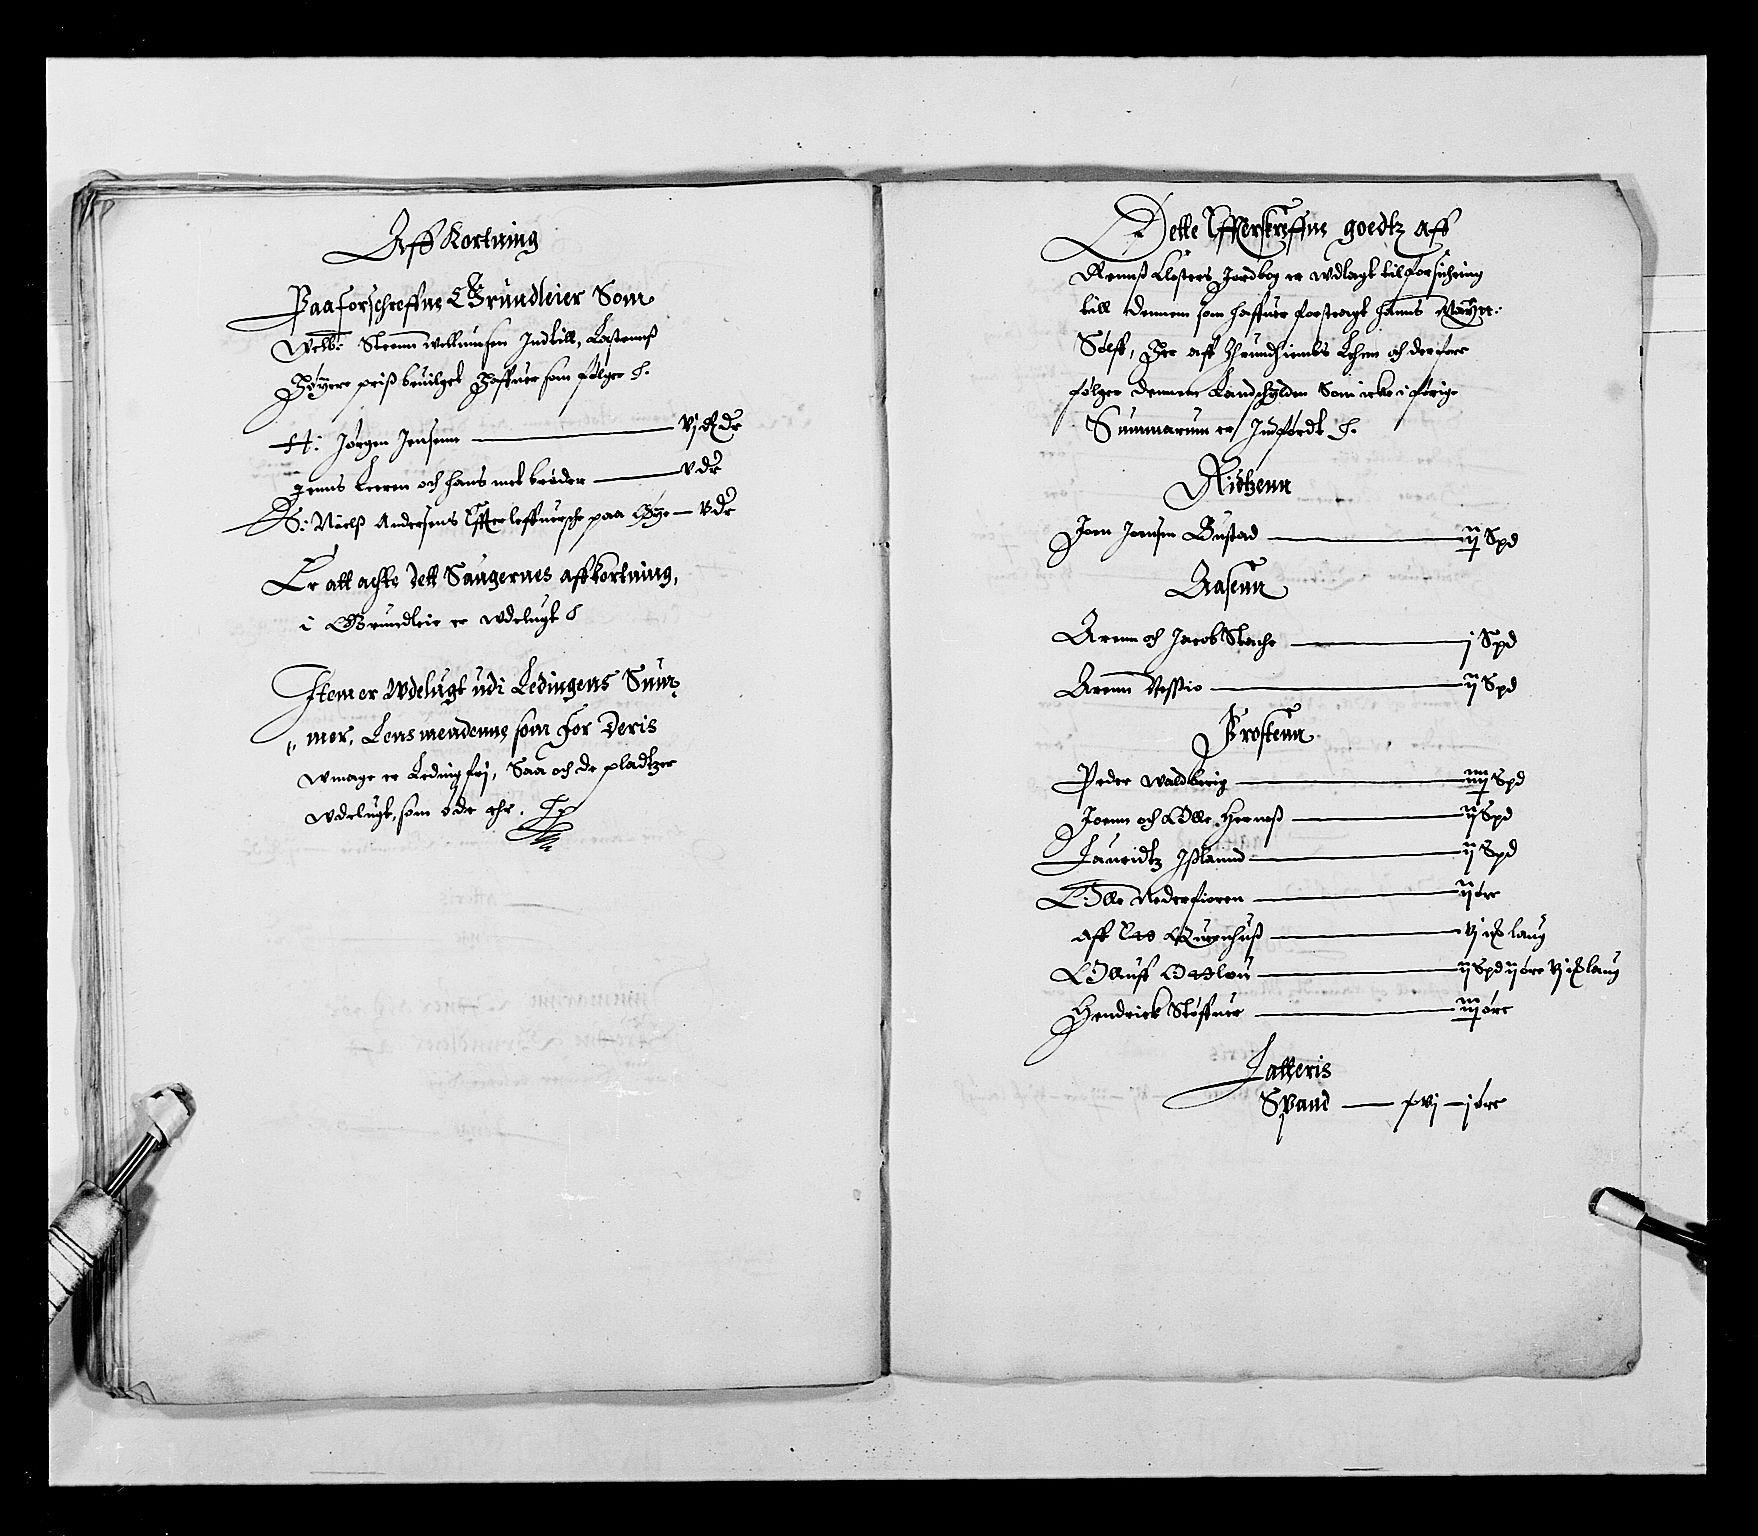 RA, Stattholderembetet 1572-1771, Ek/L0027: Jordebøker 1633-1658:, 1644-1645, s. 33